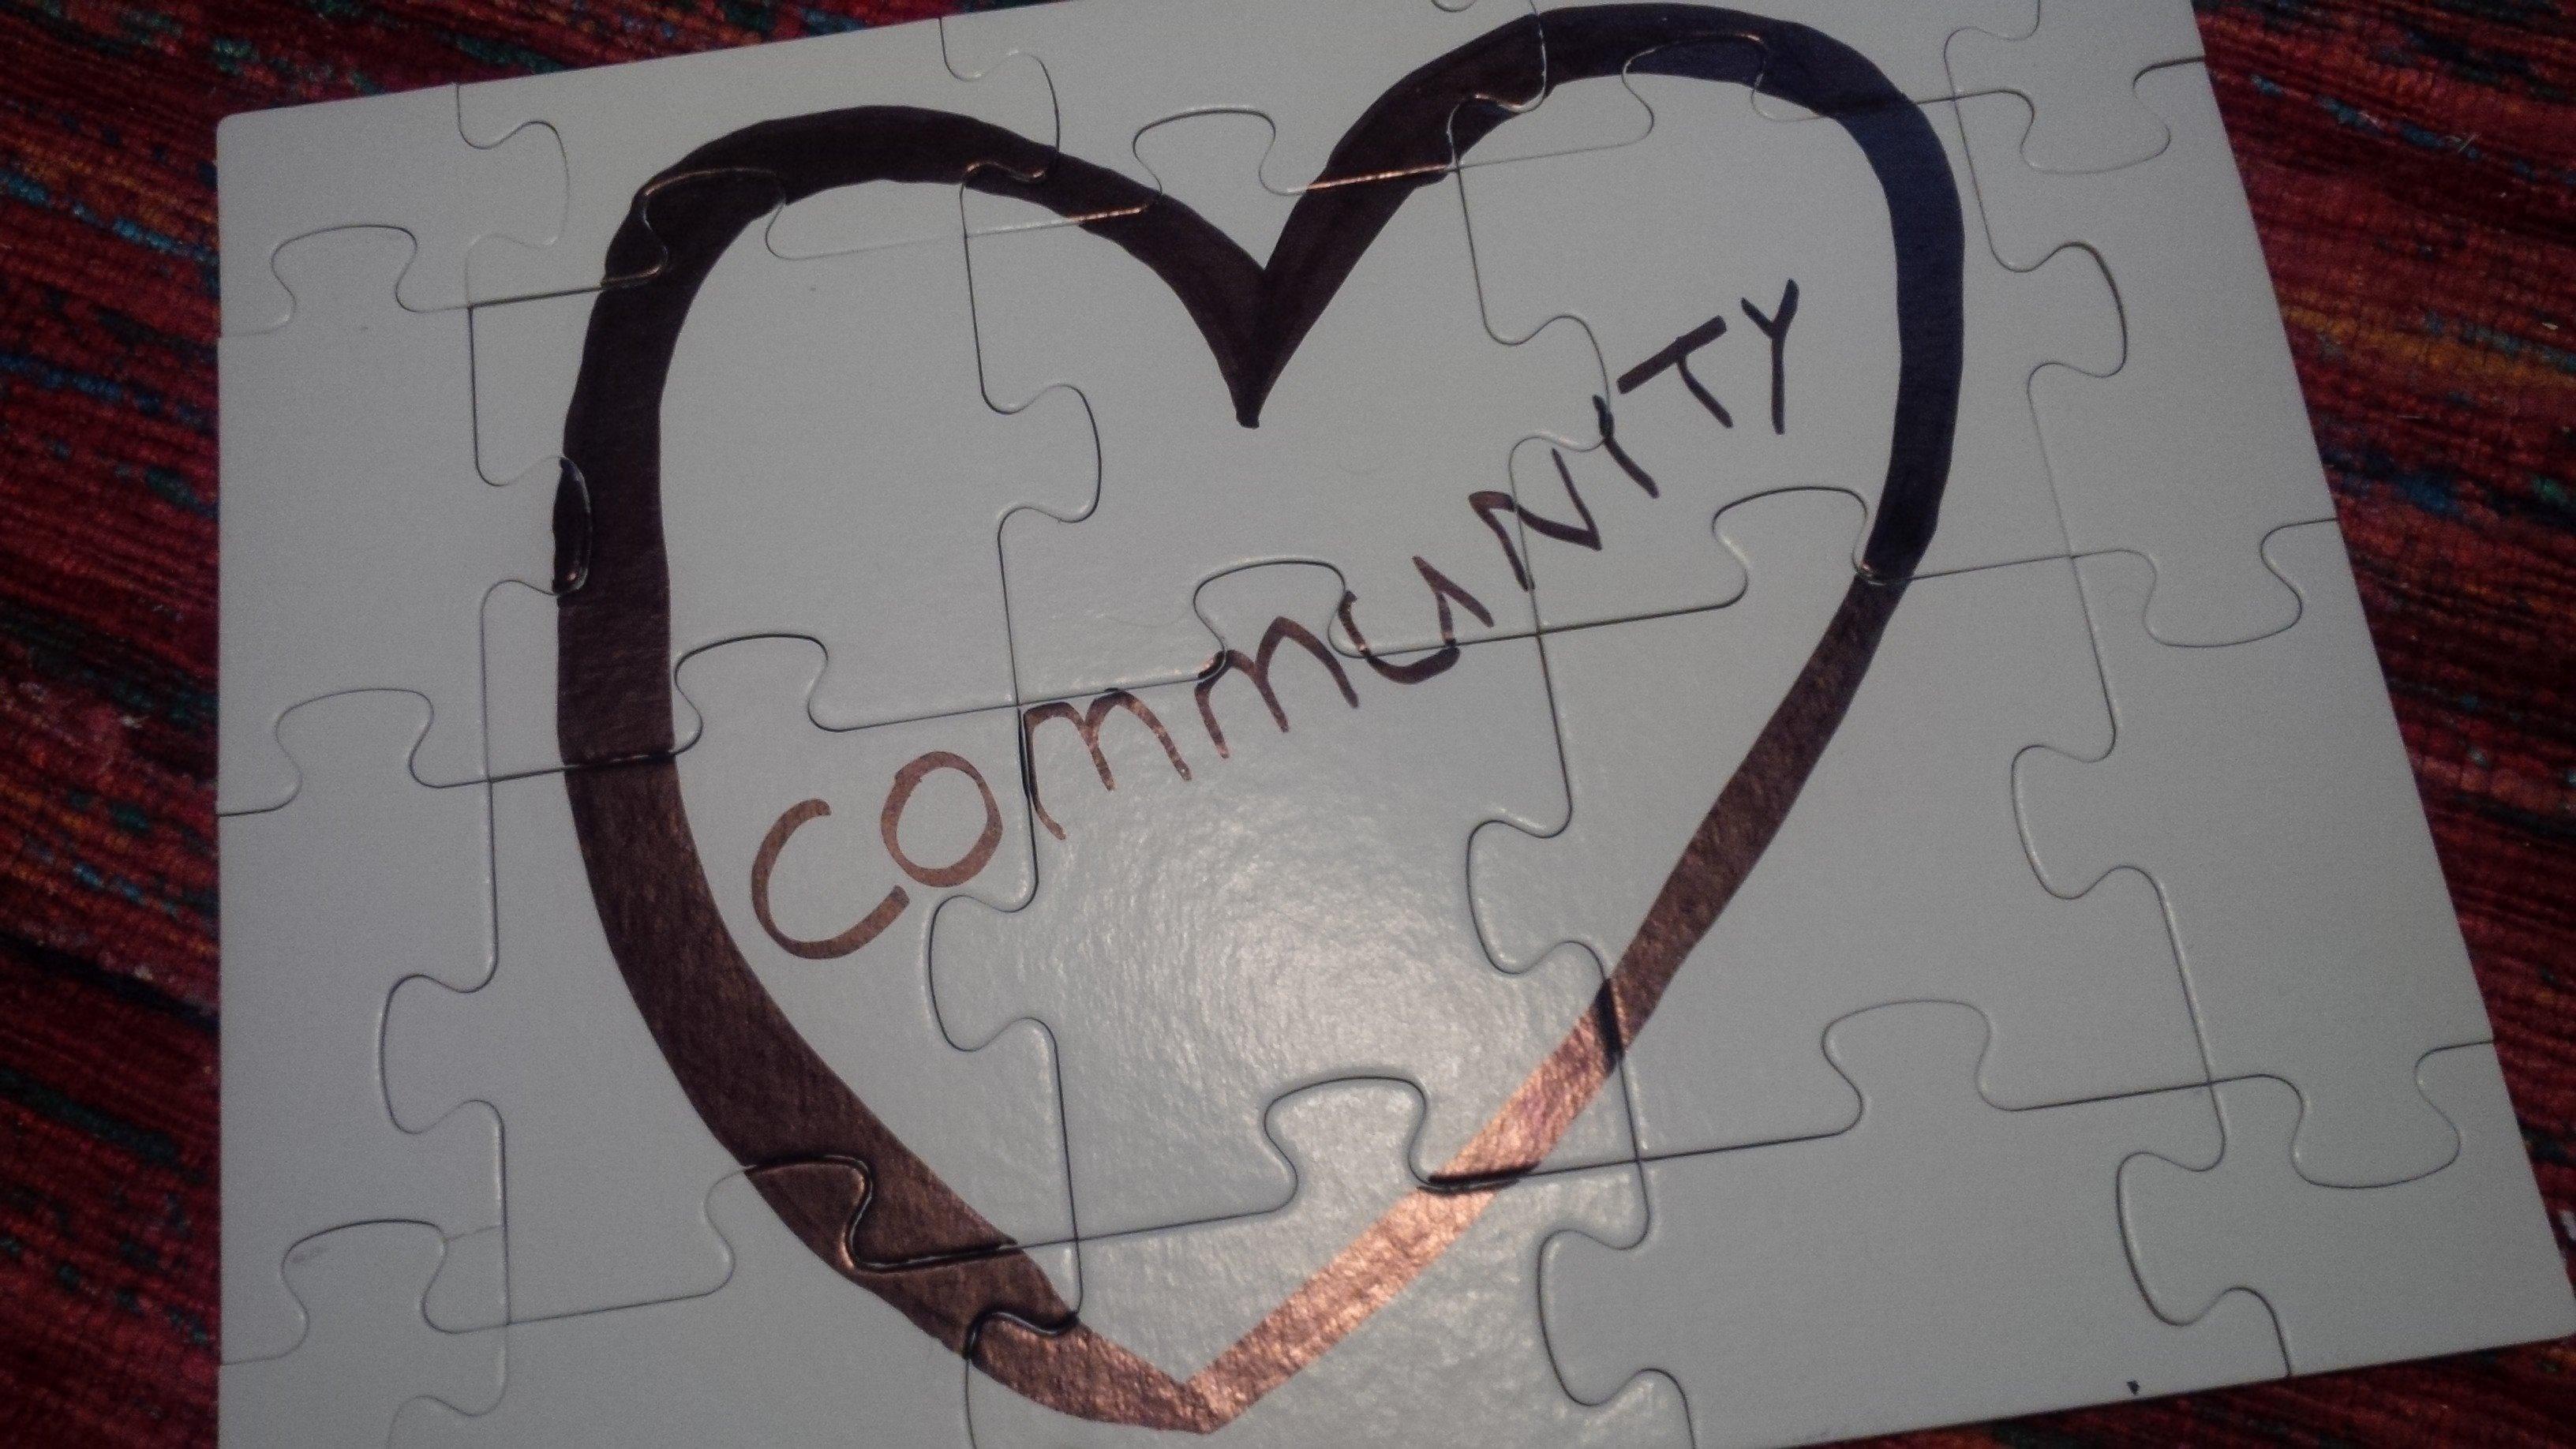 Community_Images_Puzzle-1